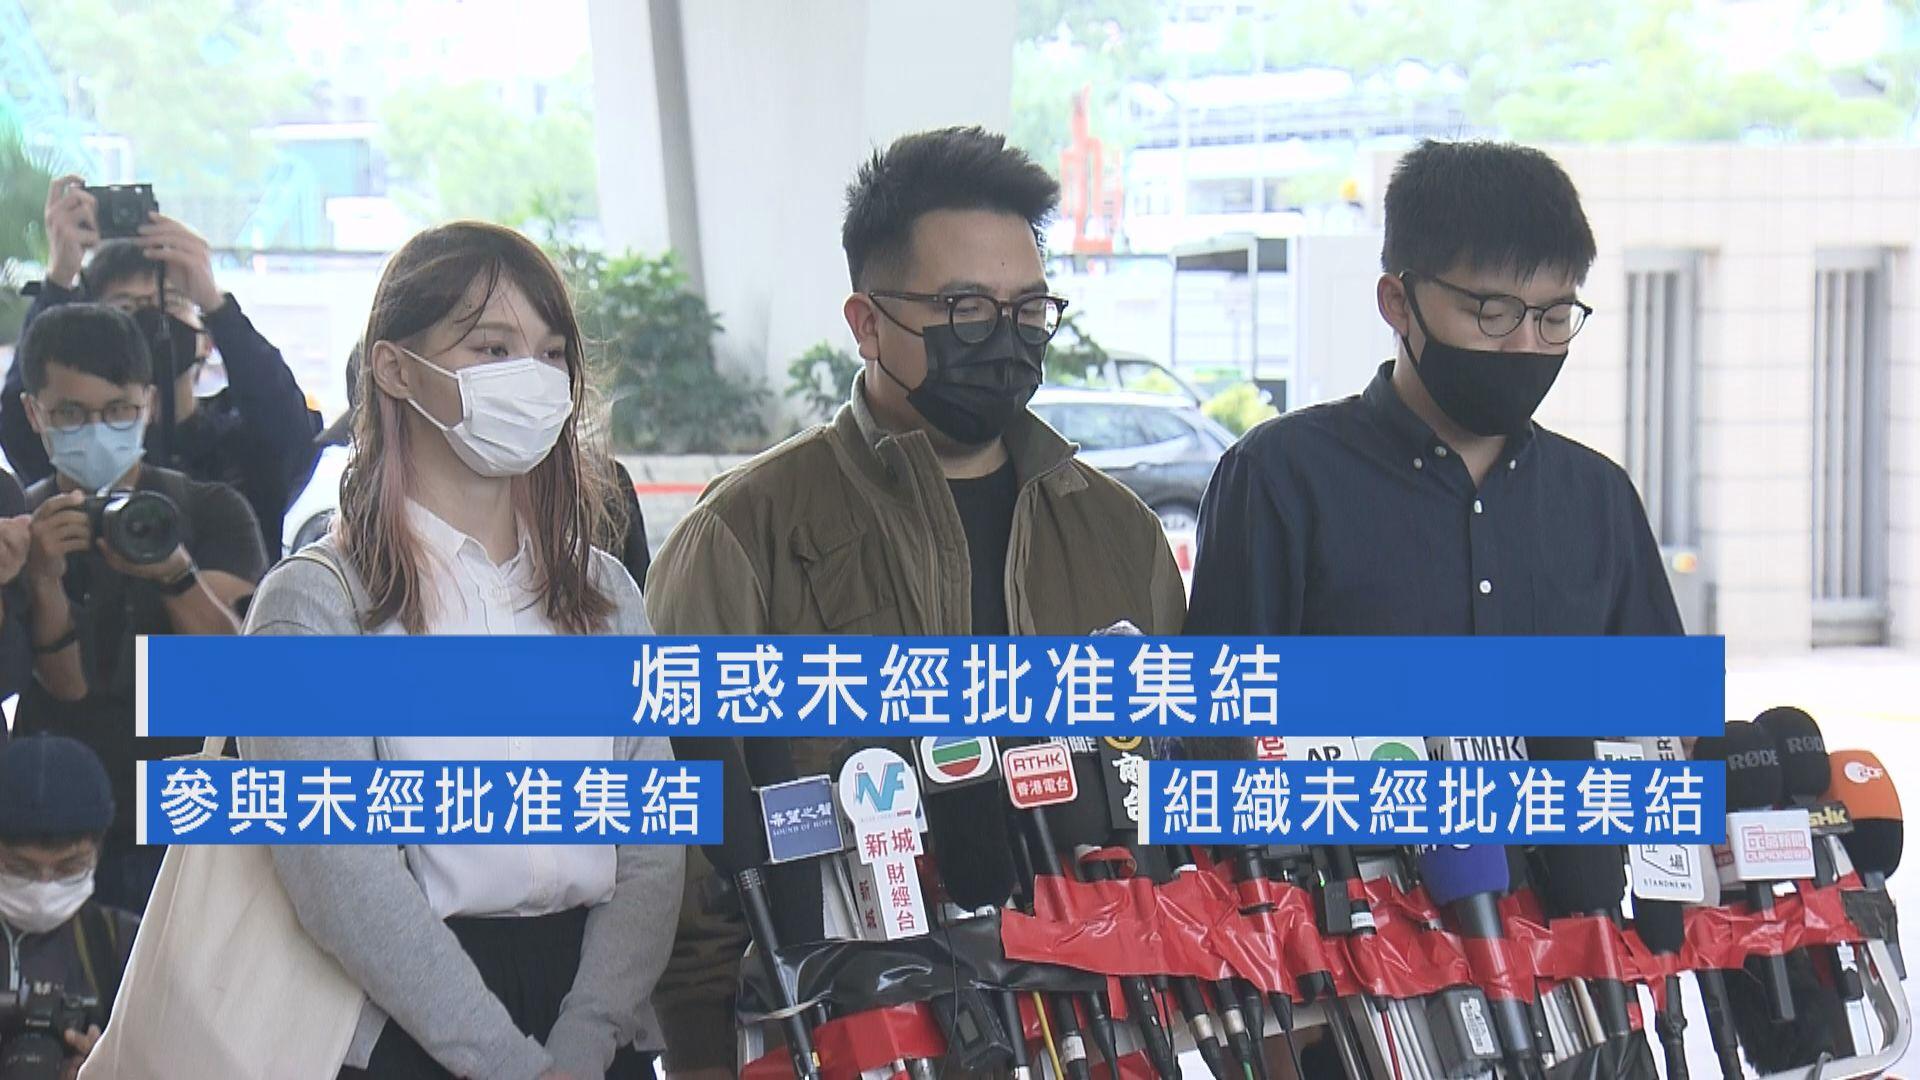 621包圍警總案 黃之鋒、林朗彥認罪料減四分一刑期